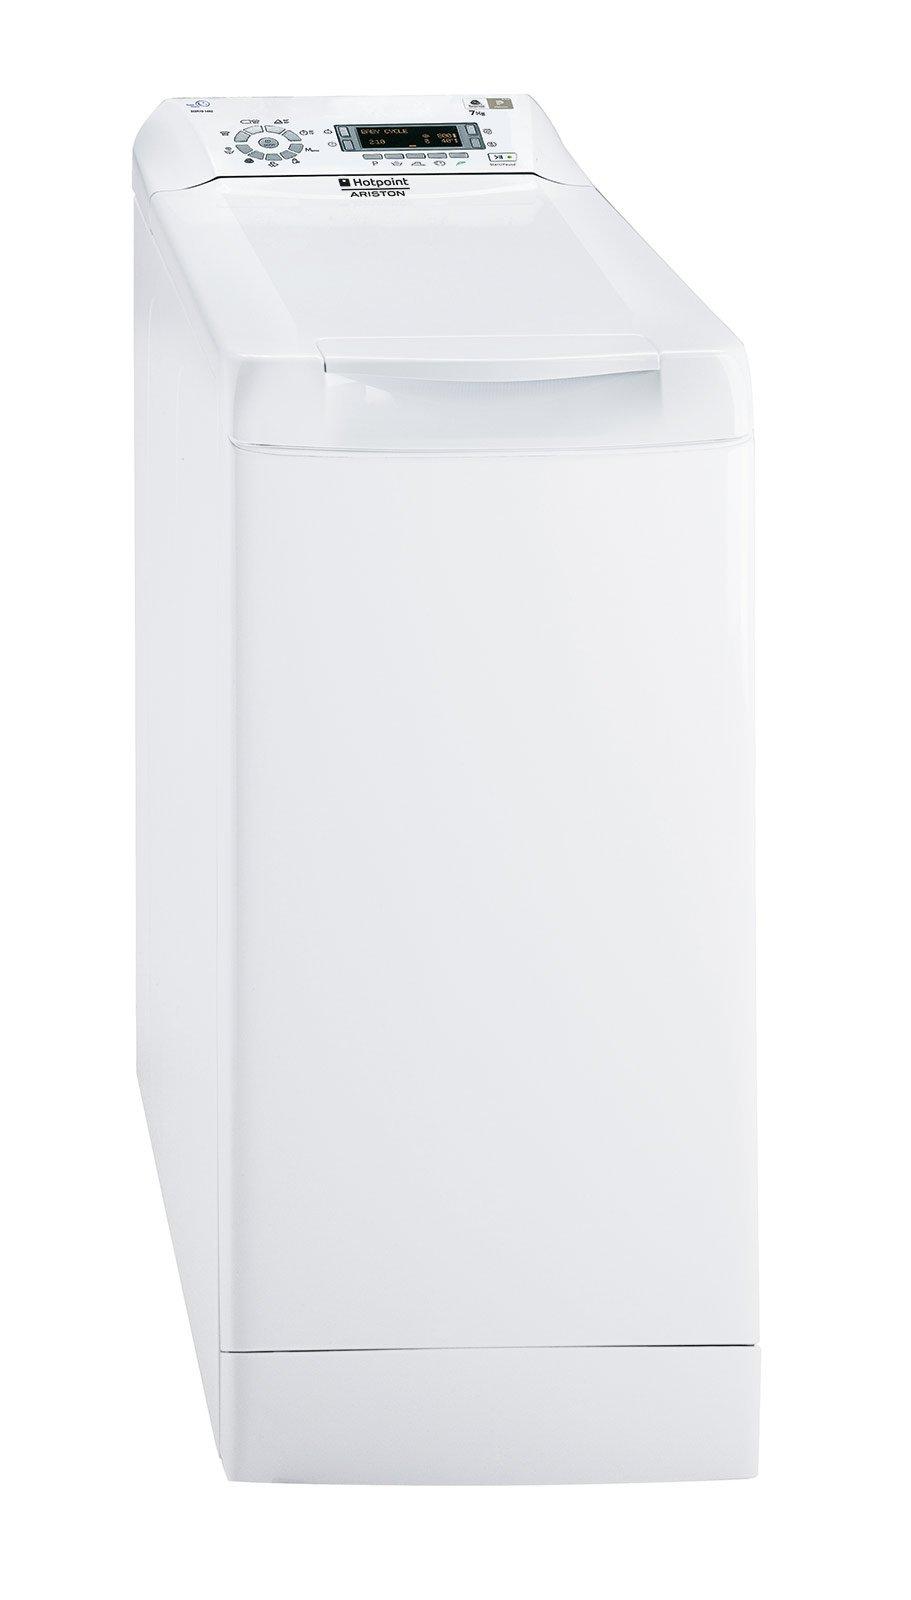 Lavatrici a carica dall 39 alto cose di casa for Lavasciuga 45 cm